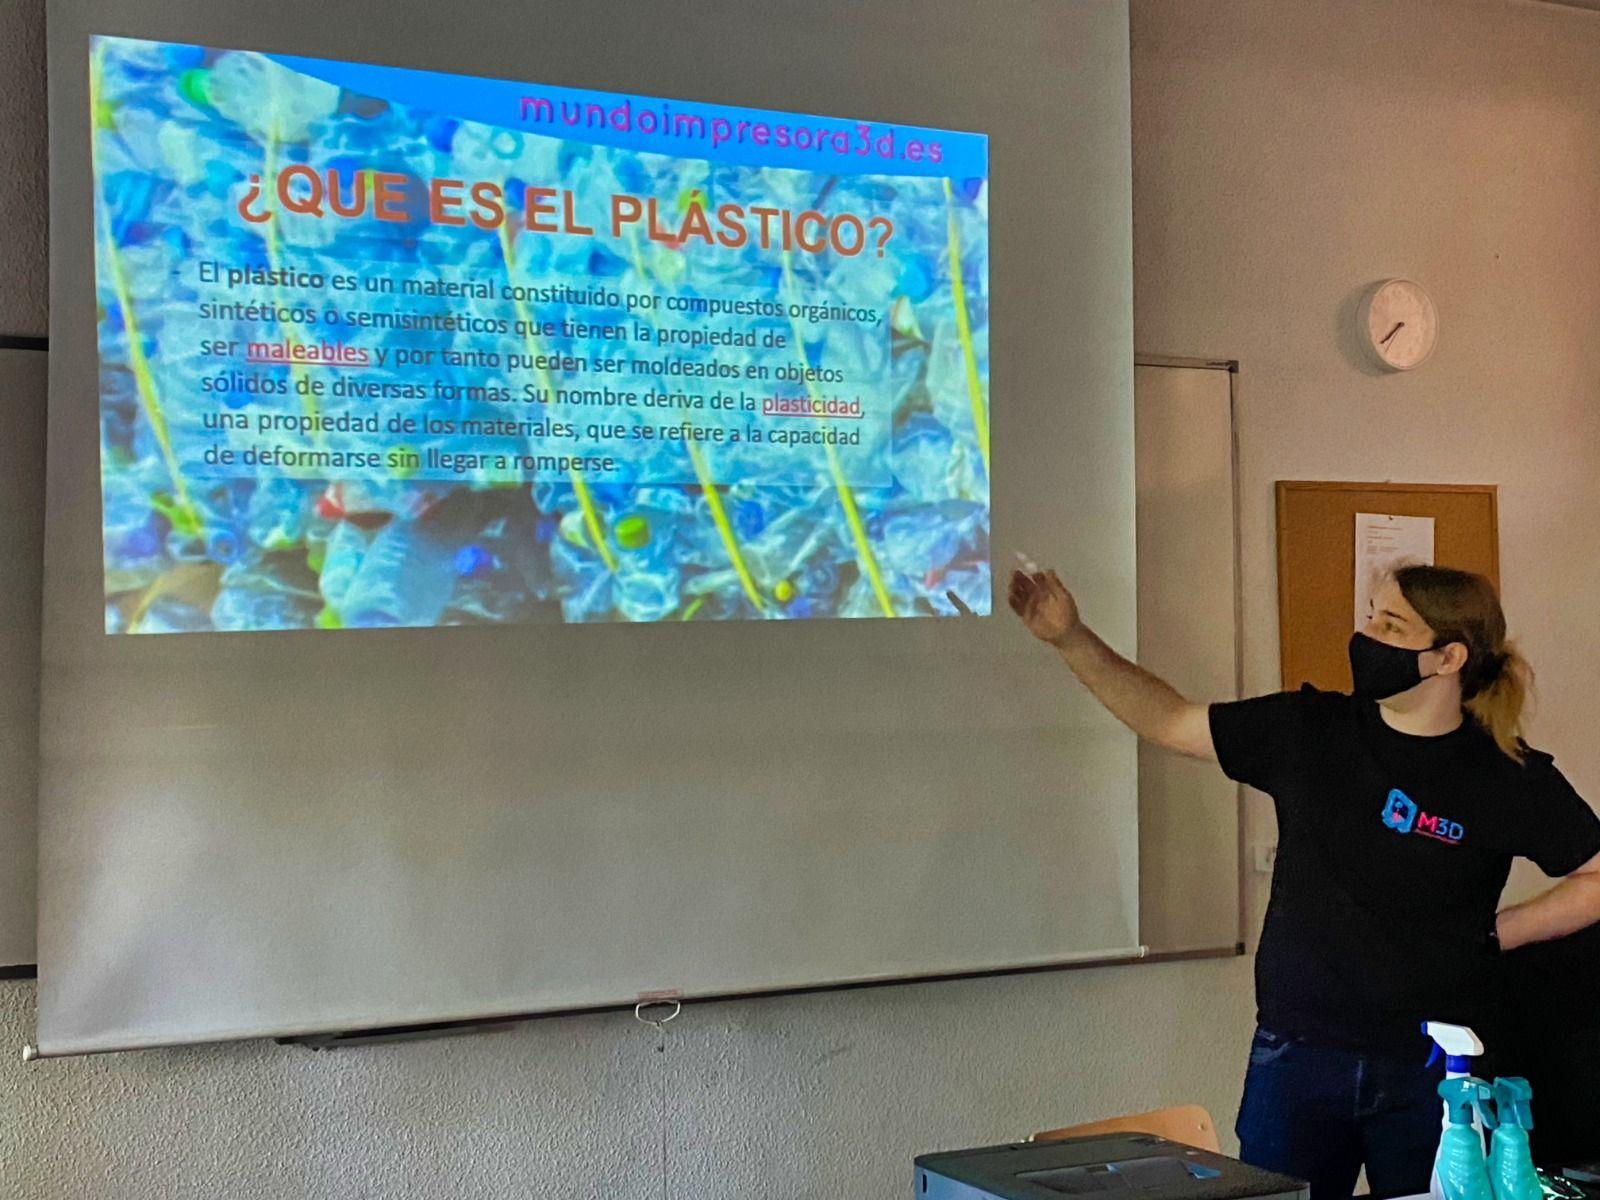 Talleres de diseño en impresión 3D con material reciclado en las aulas de Alcorcón